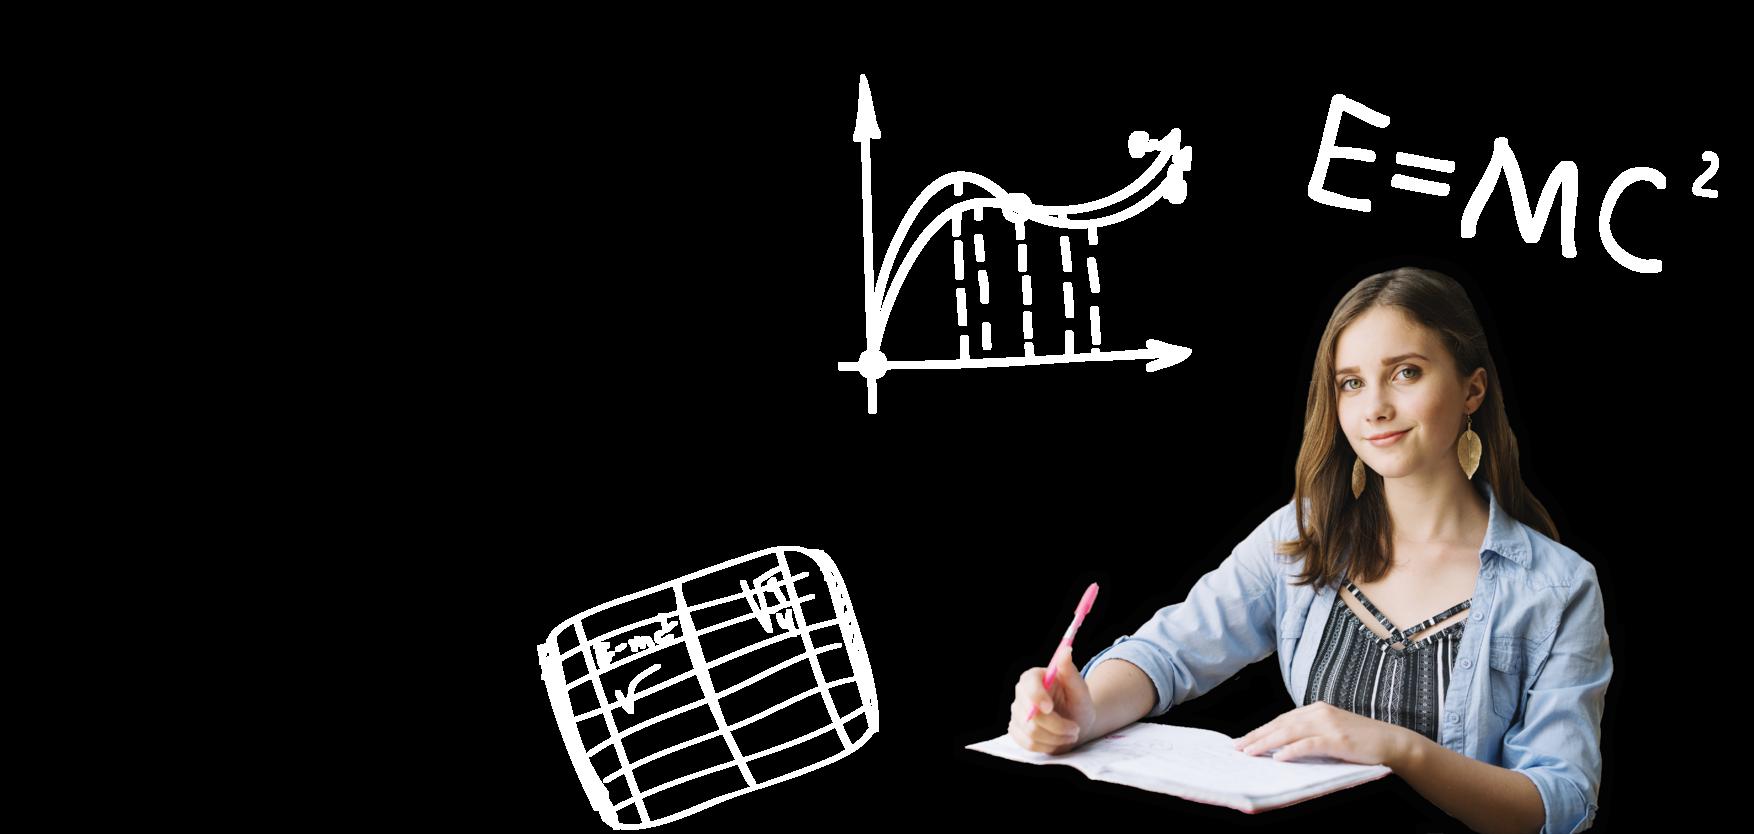 Курсы подготовки к ЕГЭ по физике в Санкт-Петербурге